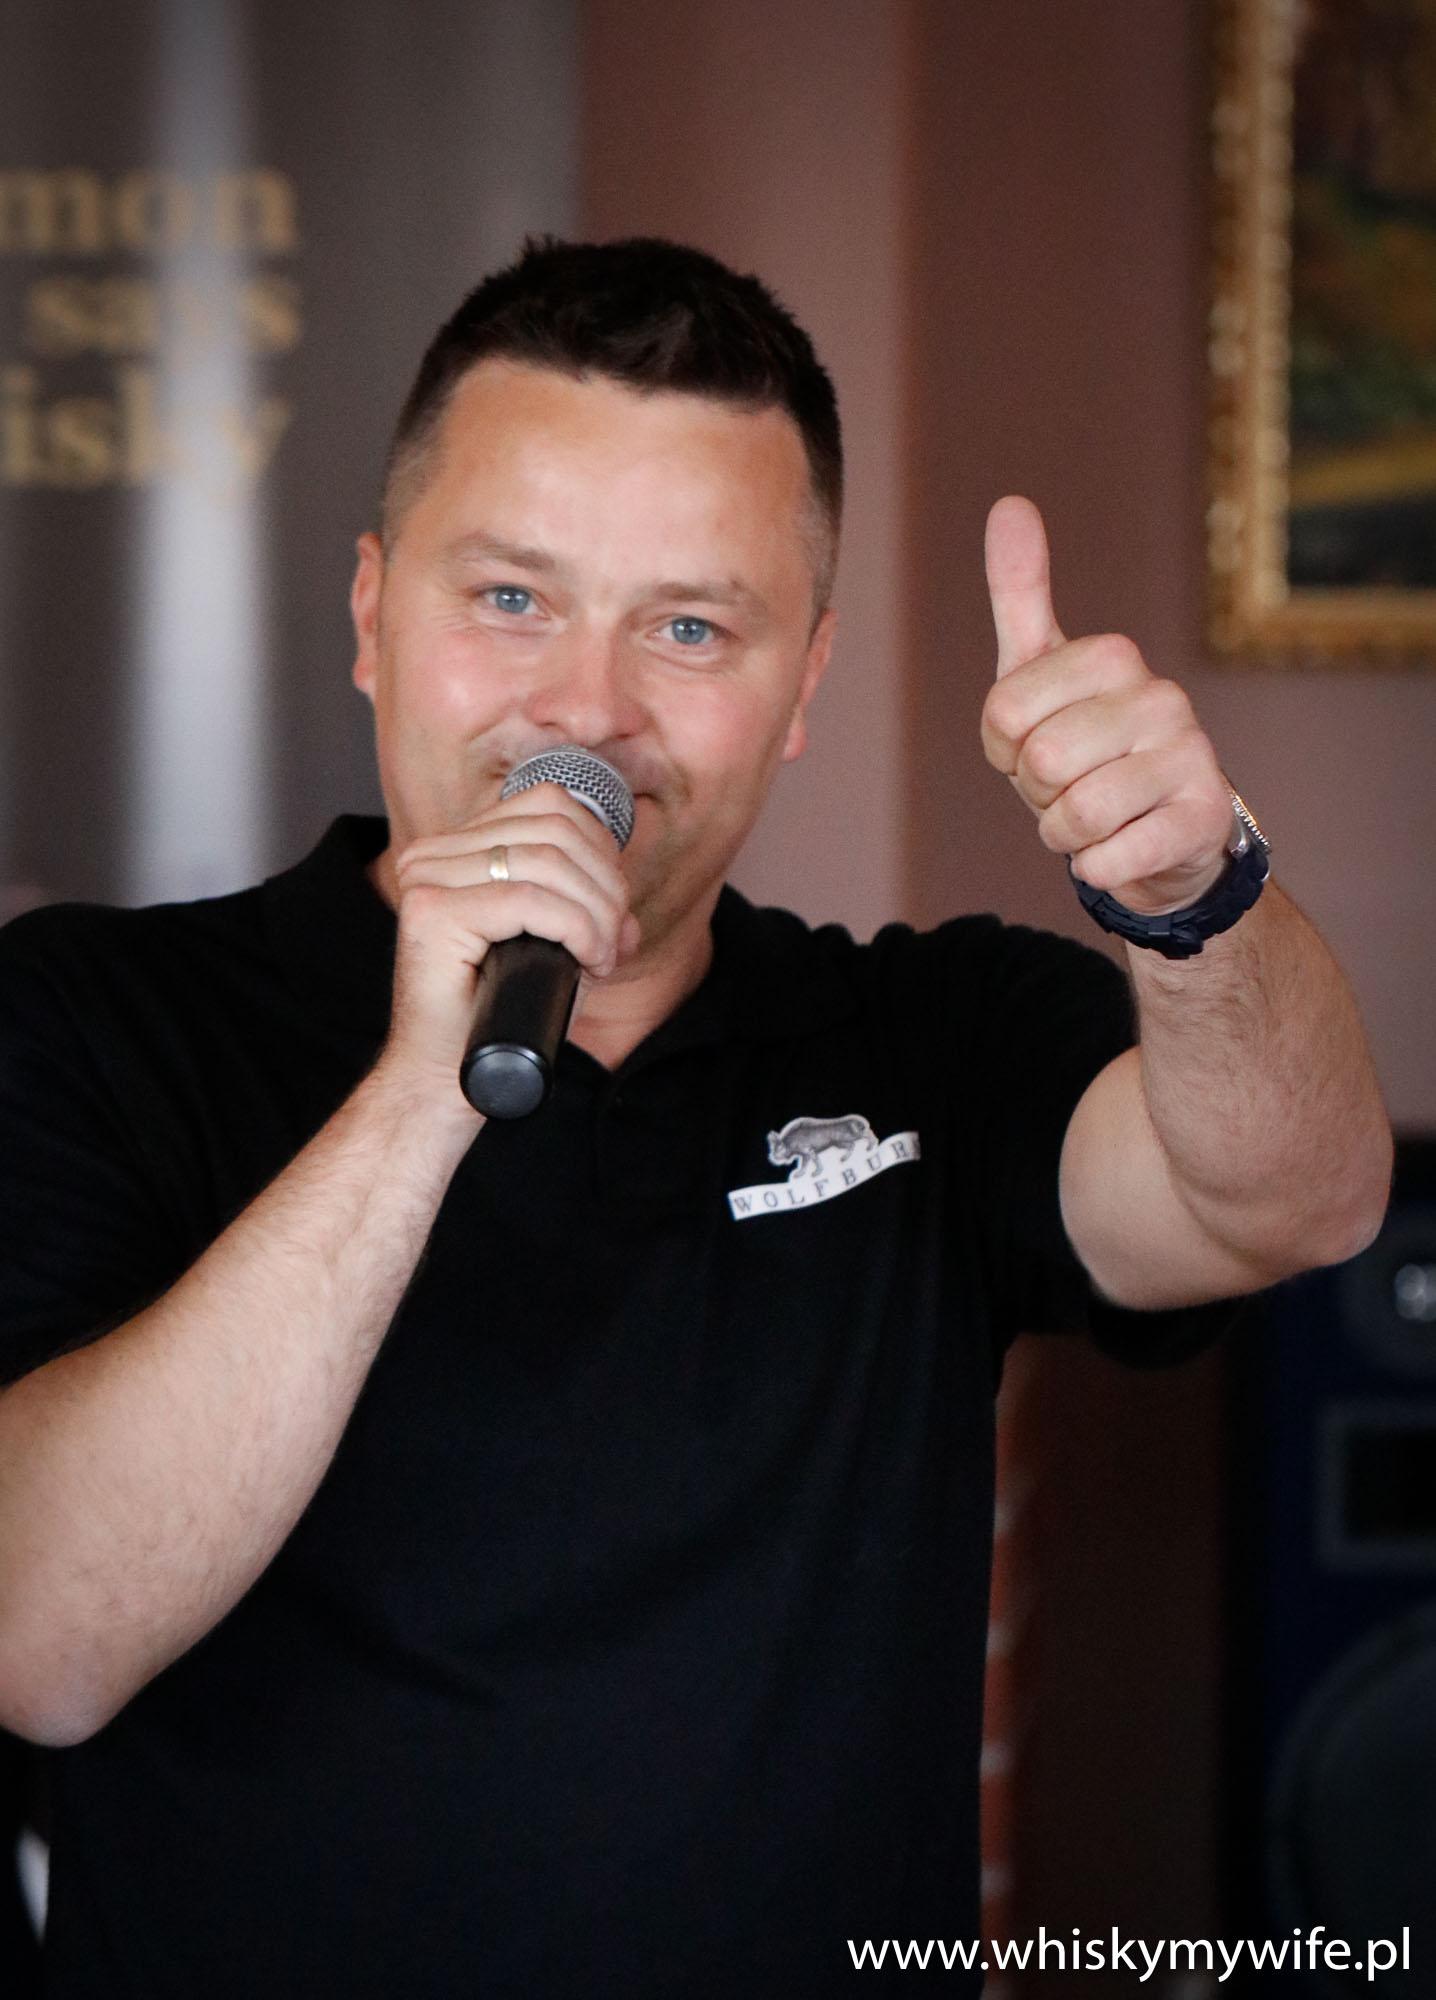 Daniel Orłowski z bestwhiskymarket.com